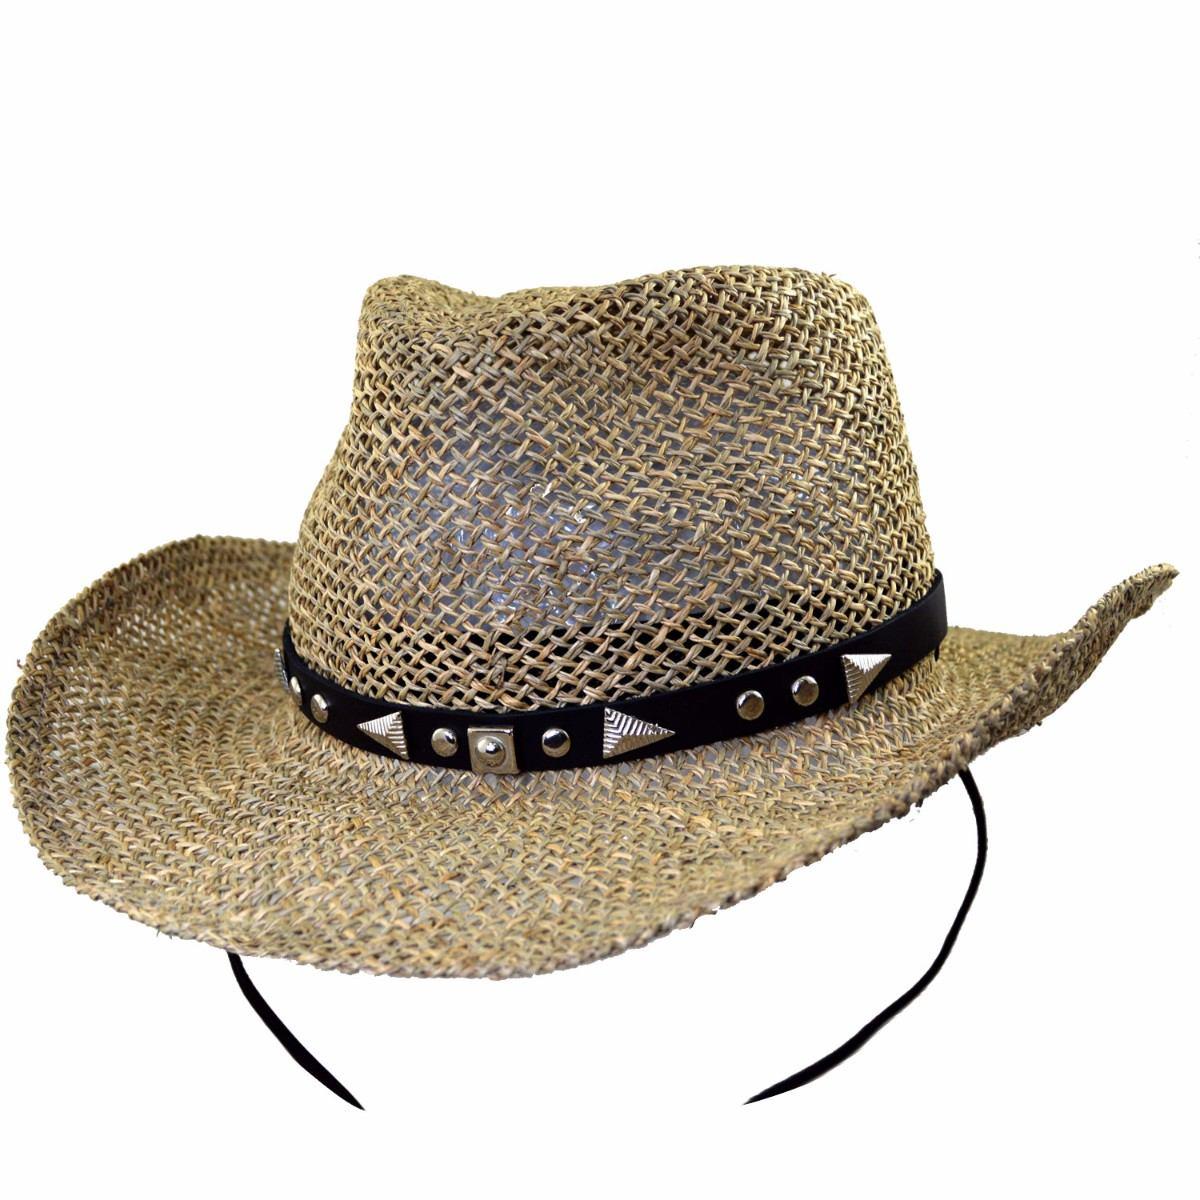 Sombrero Cowboy Yute Compañia De Sombreros M733050 -   1.645 7a4ef488032